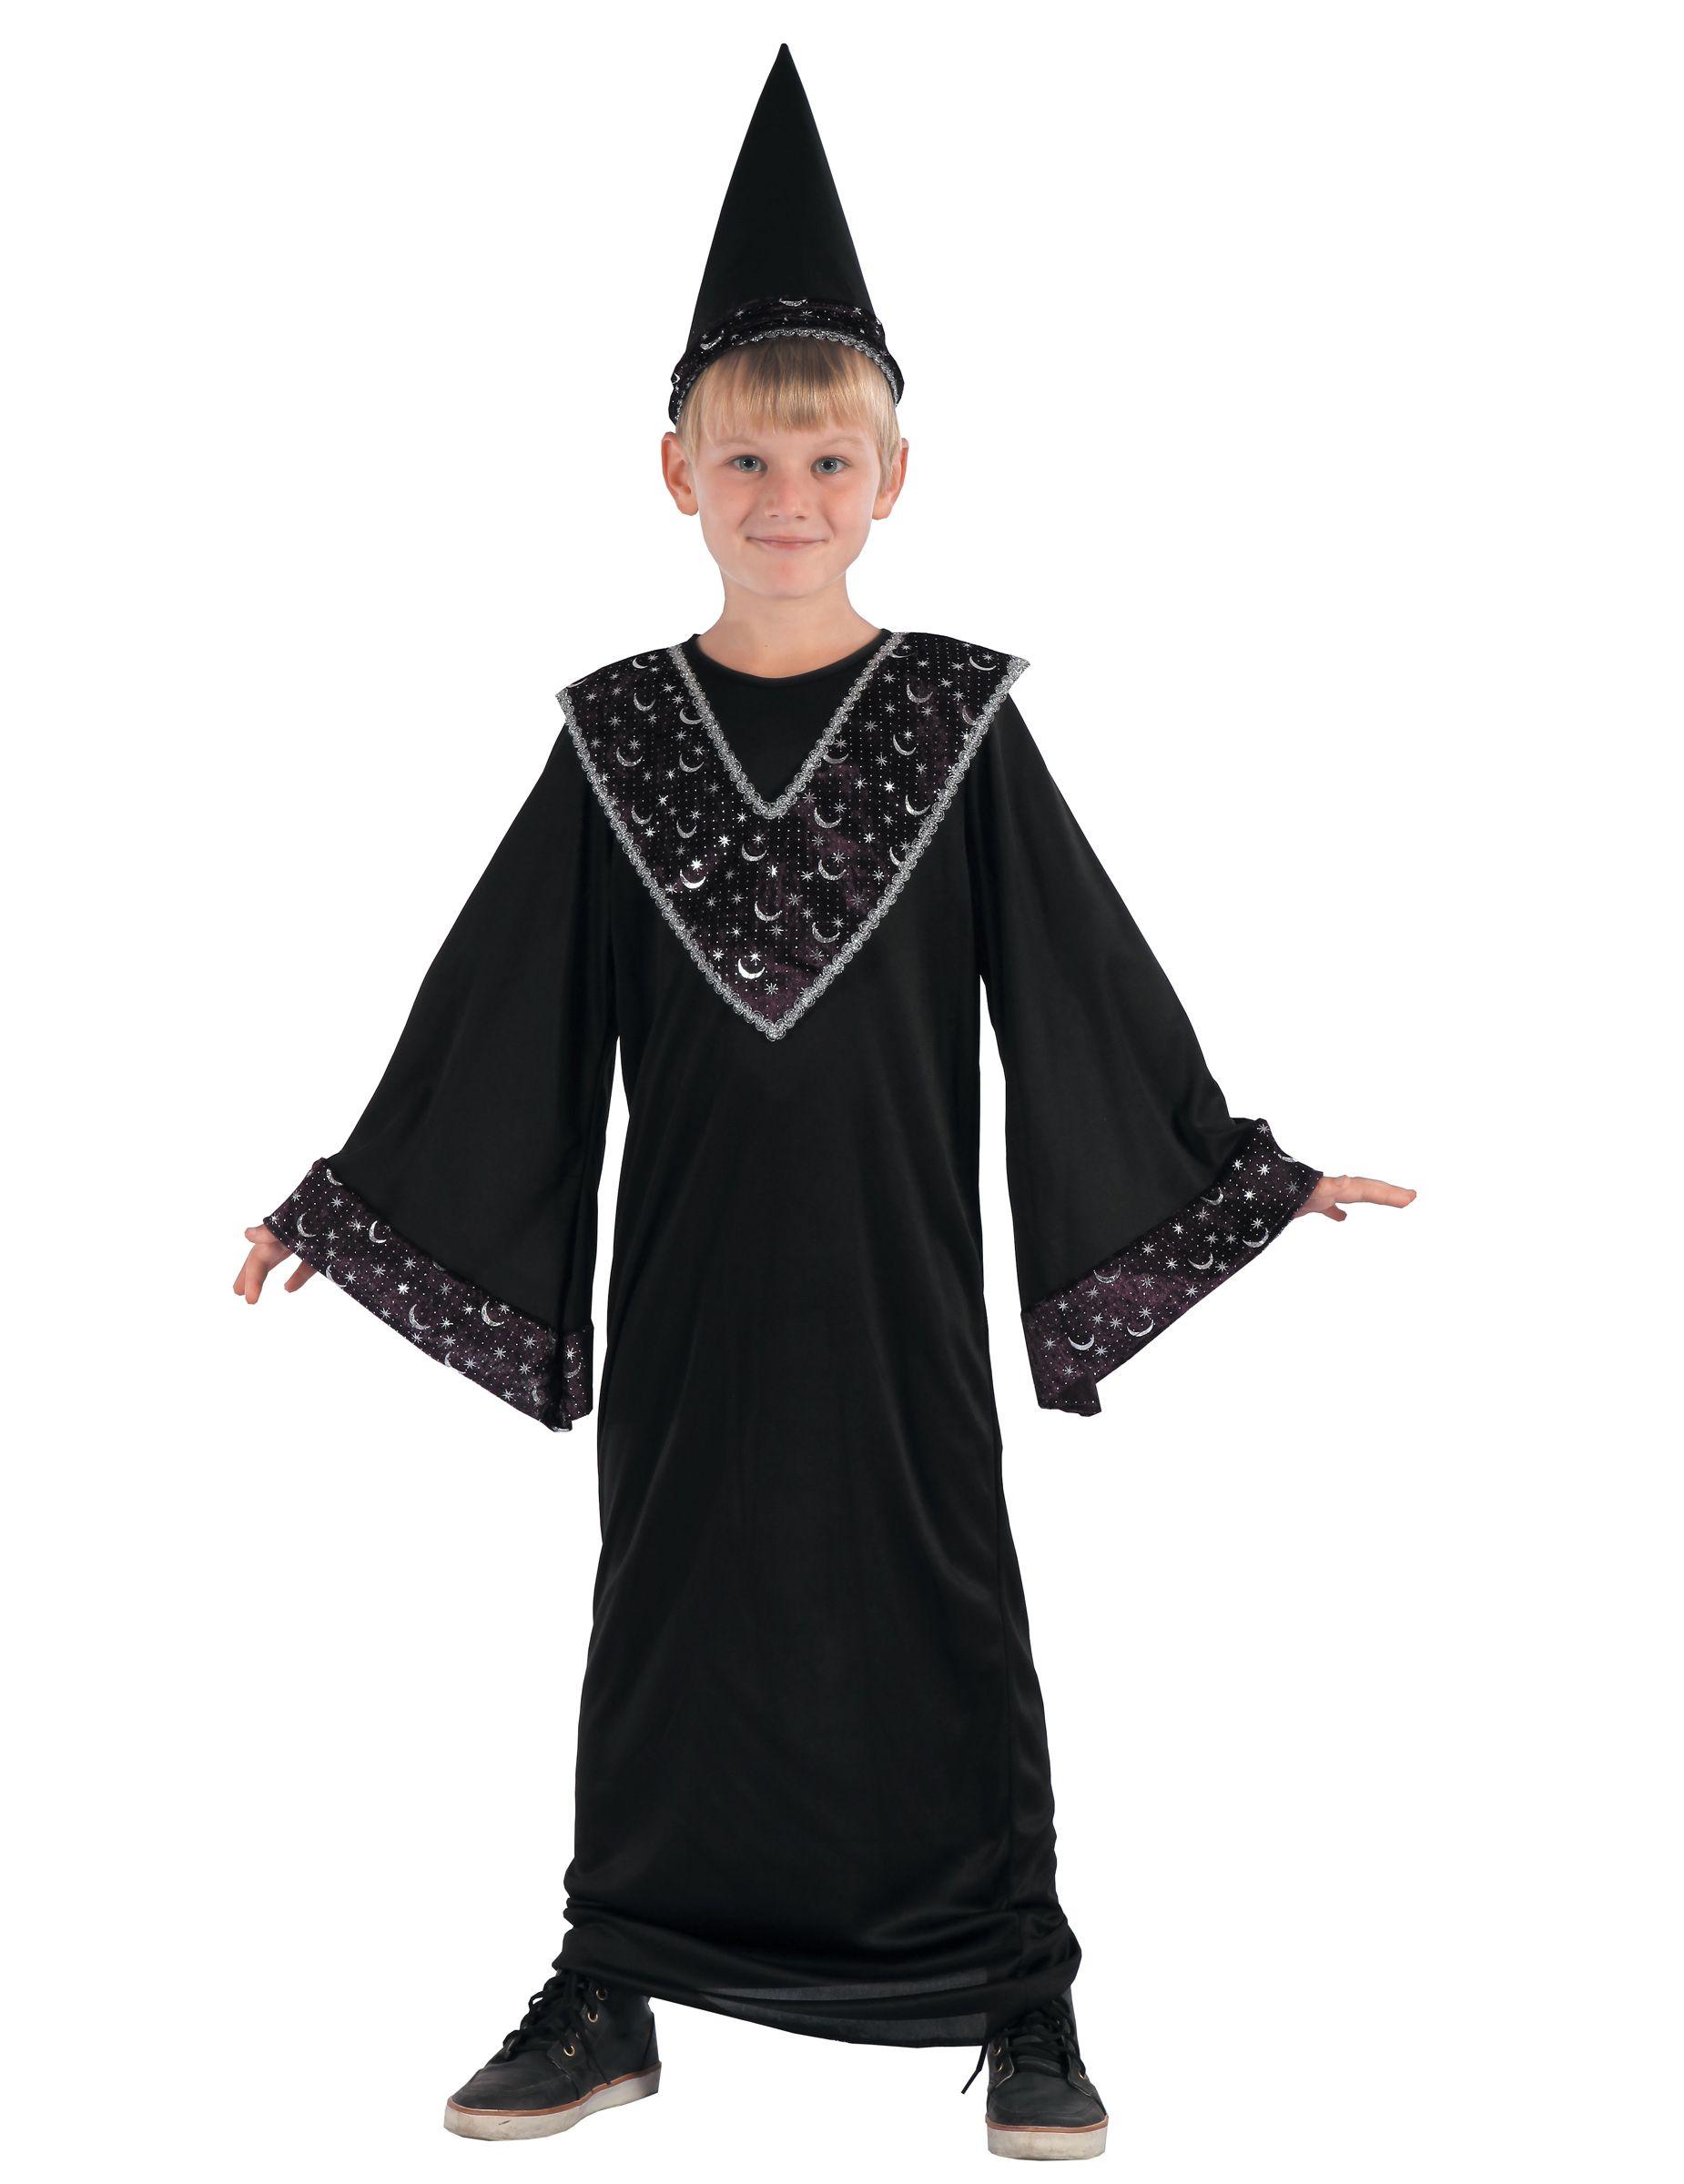 Costume da apprendista stregone per bambino  Questo travestimento da mago nero  per bambino comprende un 17a40273d1a7